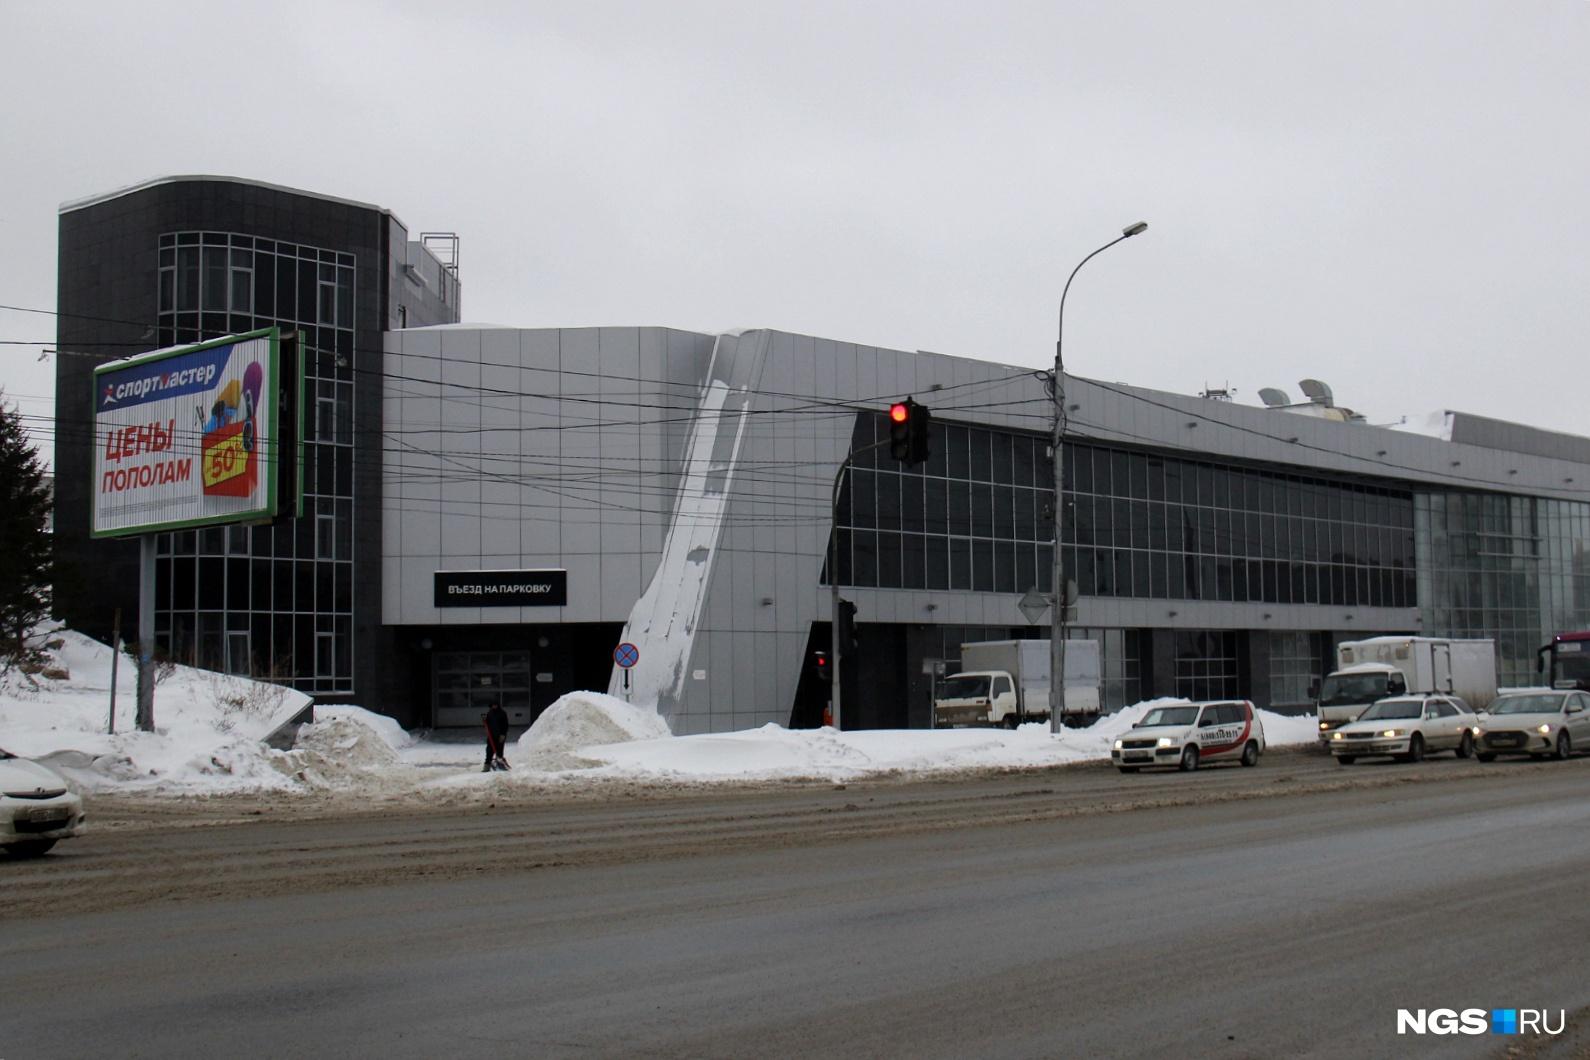 Теплица заняла лишь часть первого этажа этого просторного здания